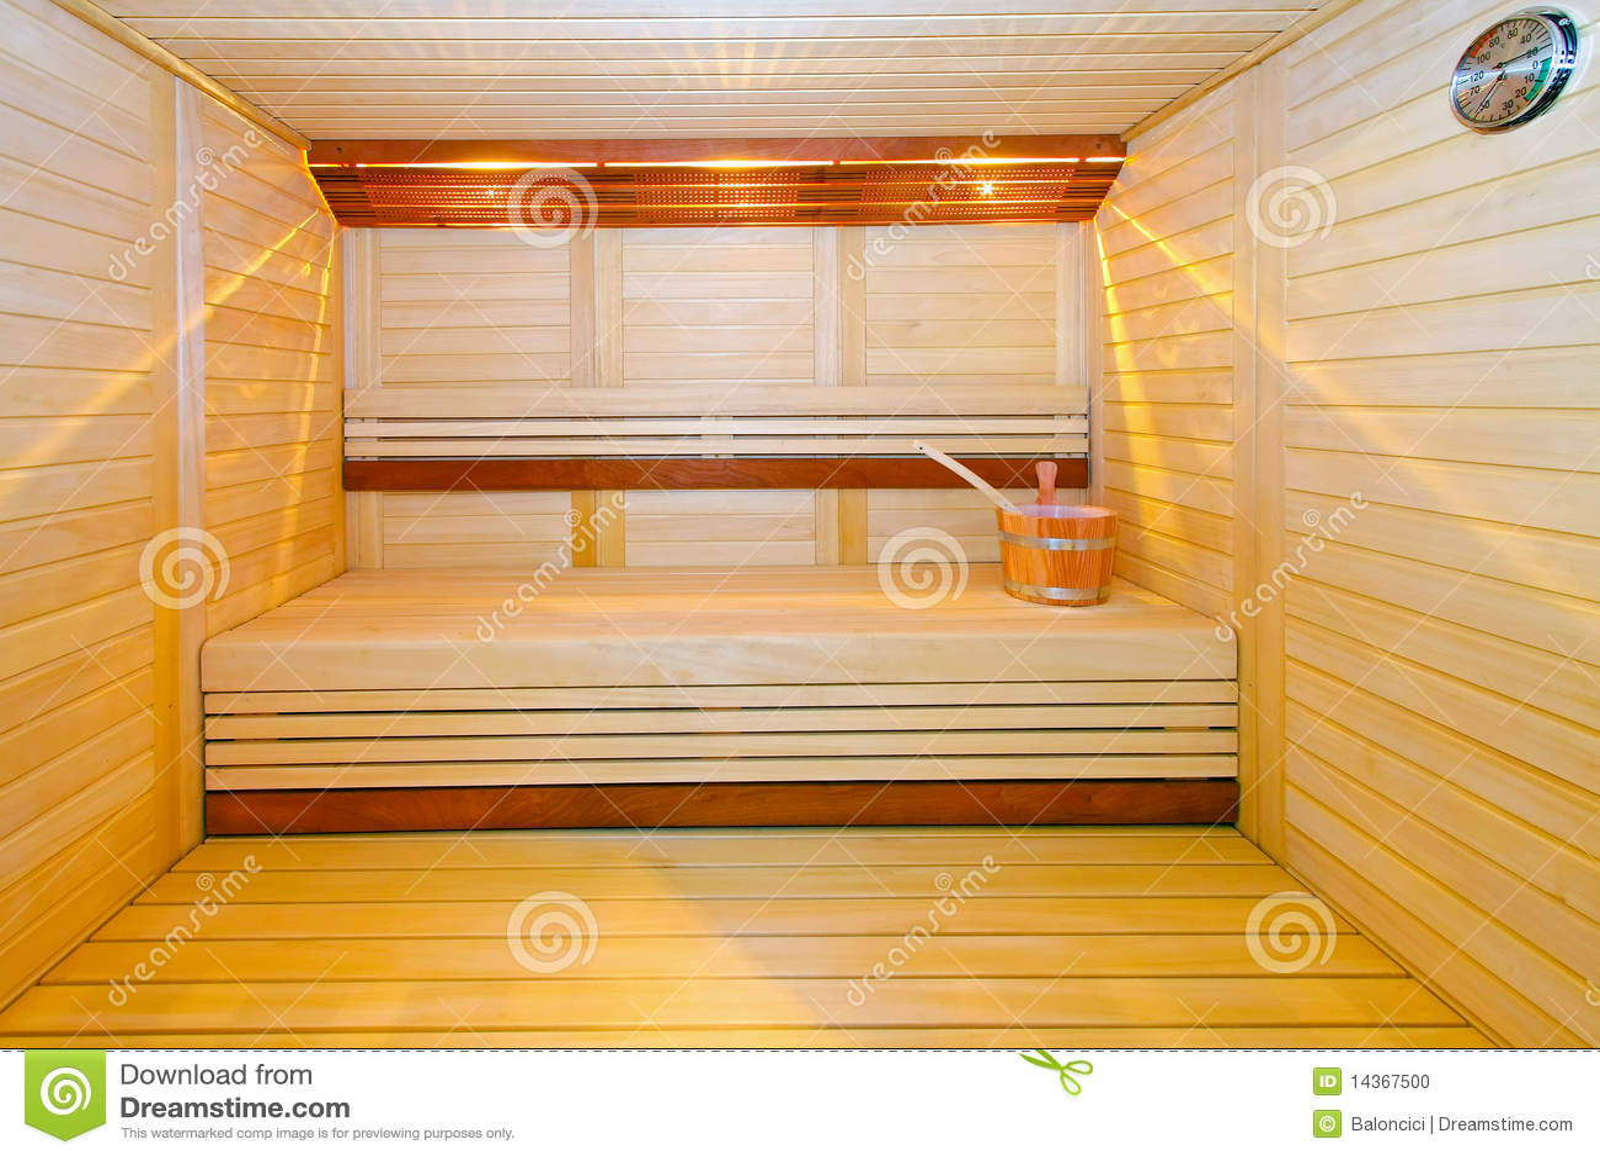 Sauna stock photo image 14367500 for Koi pool and sauna